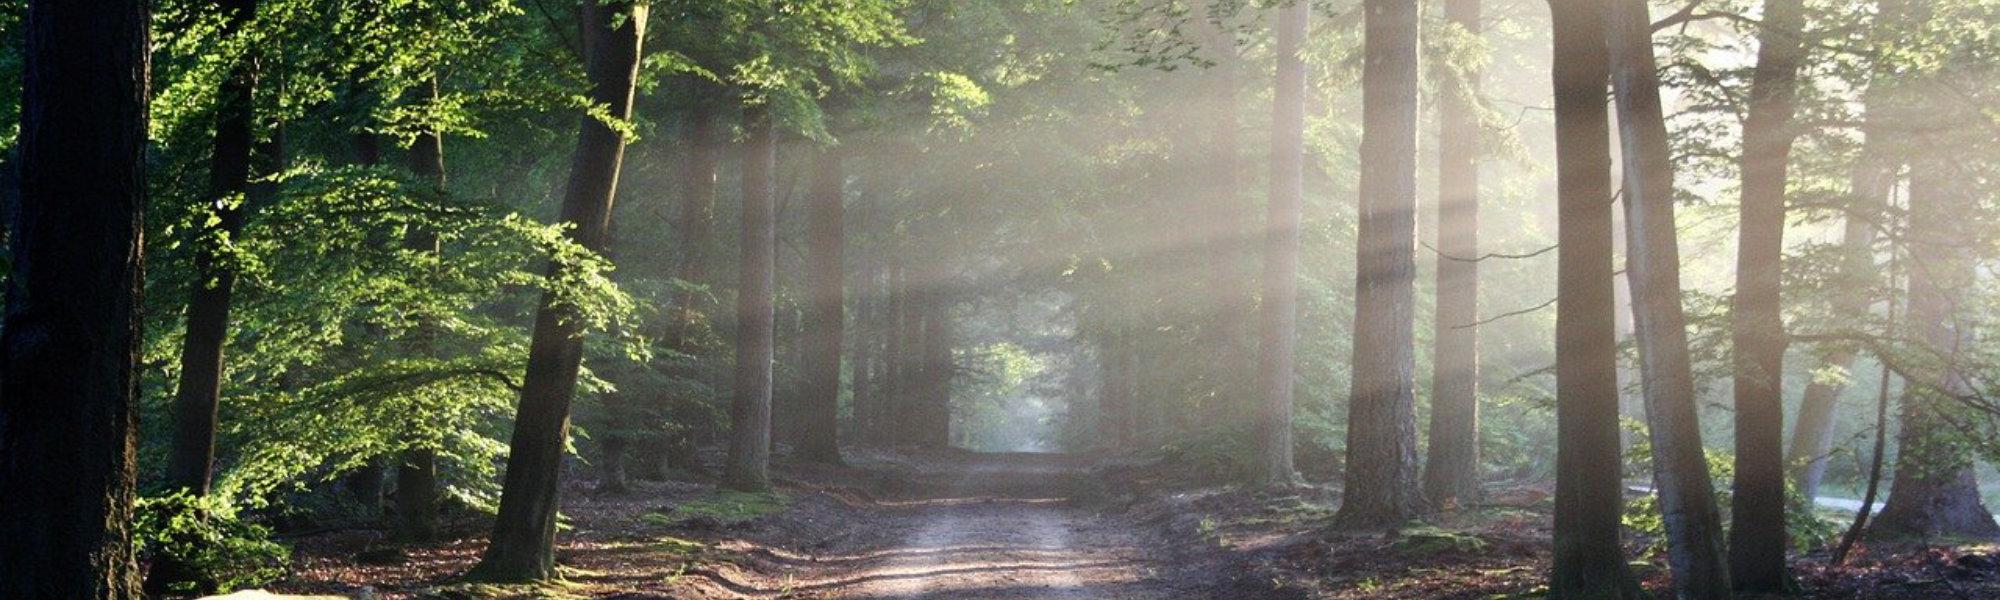 Heilpraktikerin Busch - Der Weg